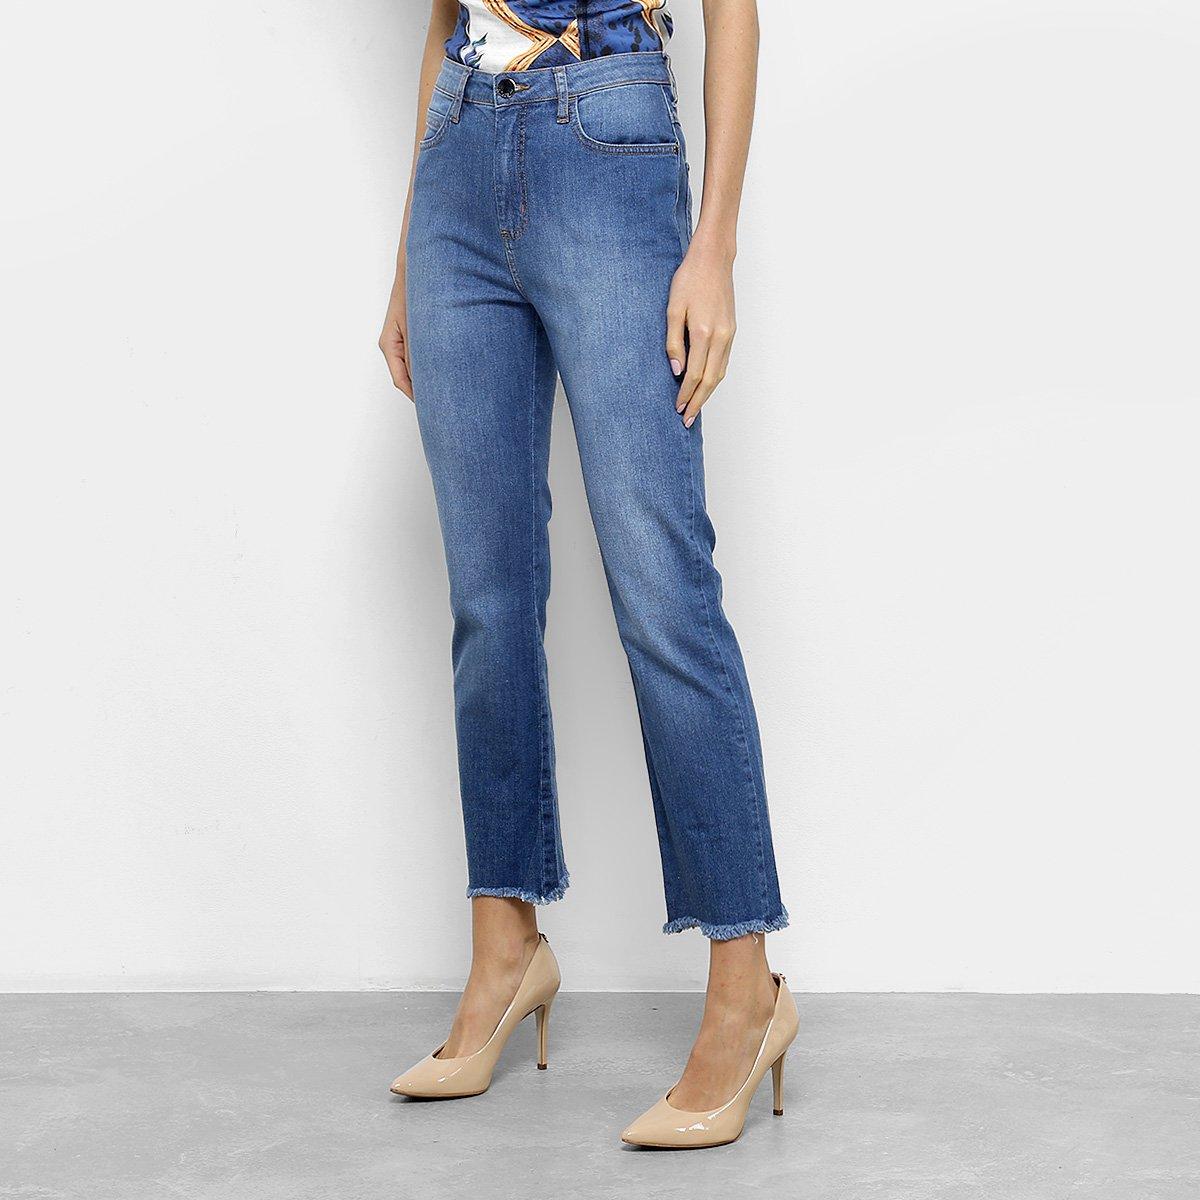 Calça Jeans Skinny Fórum Marisa Cintura Média Feminina - Azul - Compre Agora   71655d7e214